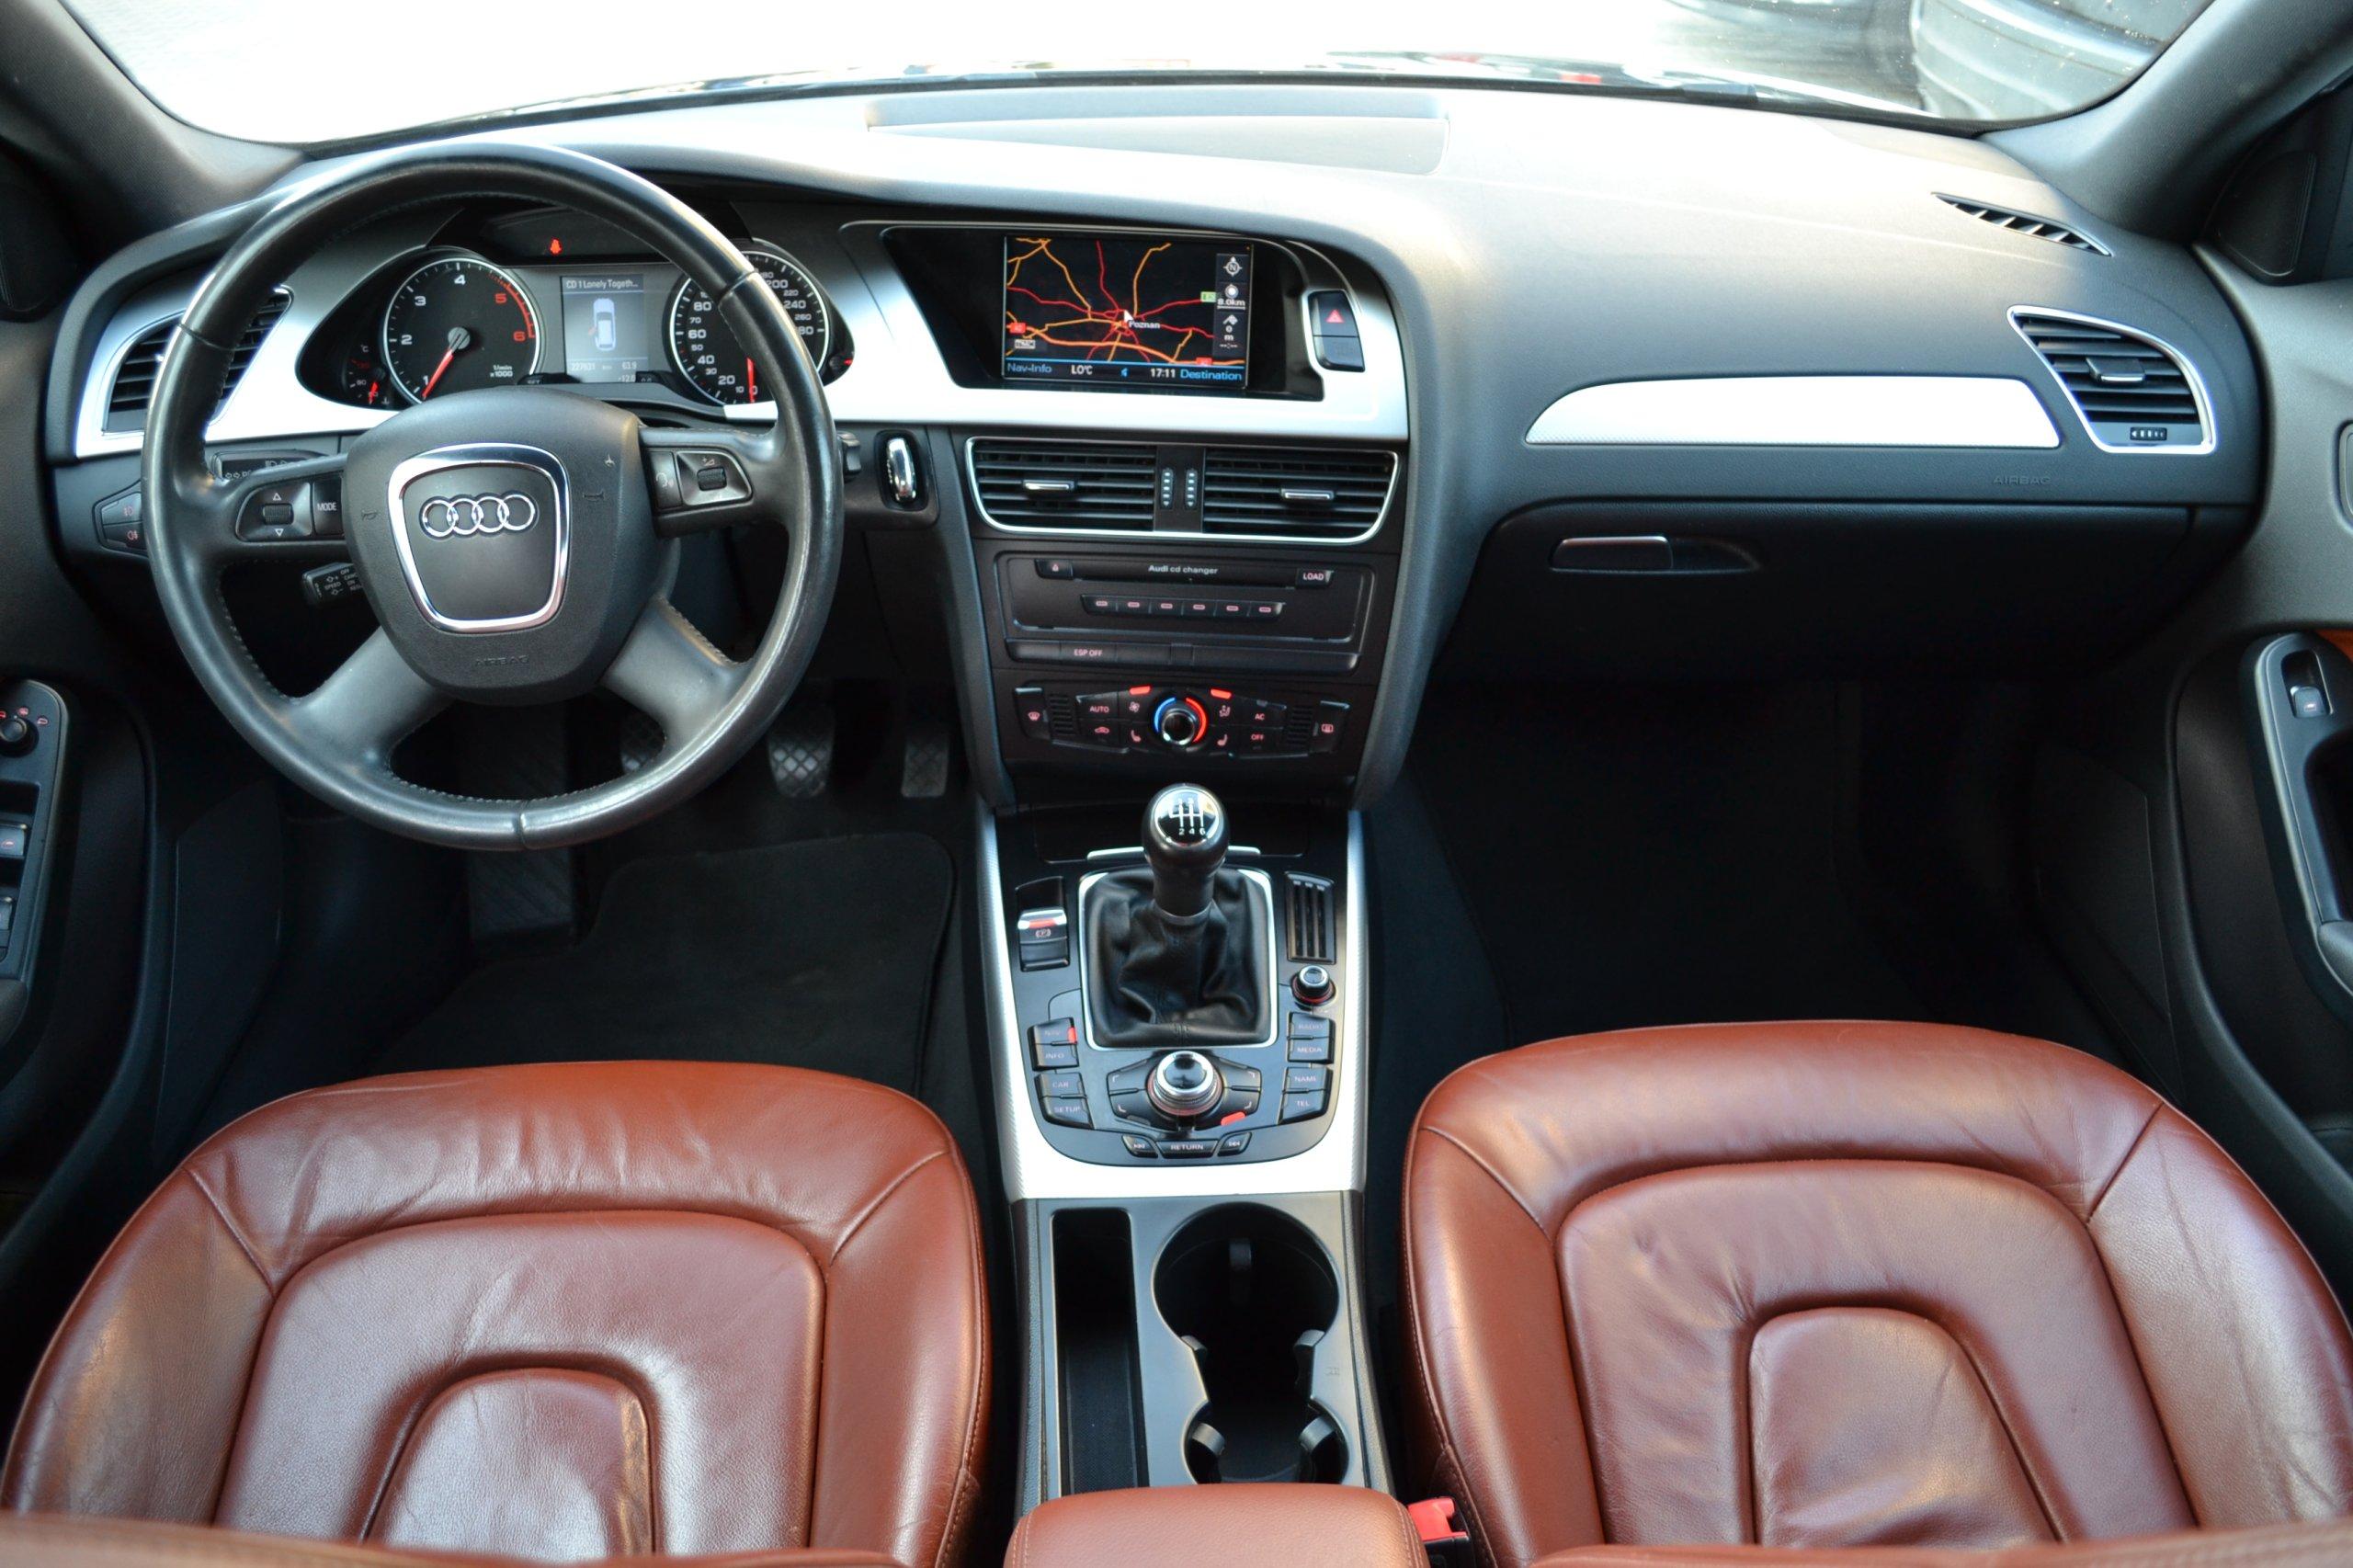 Nawigacja W Audi A4 Poznań W Oficjalnym Archiwum Allegro Archiwum